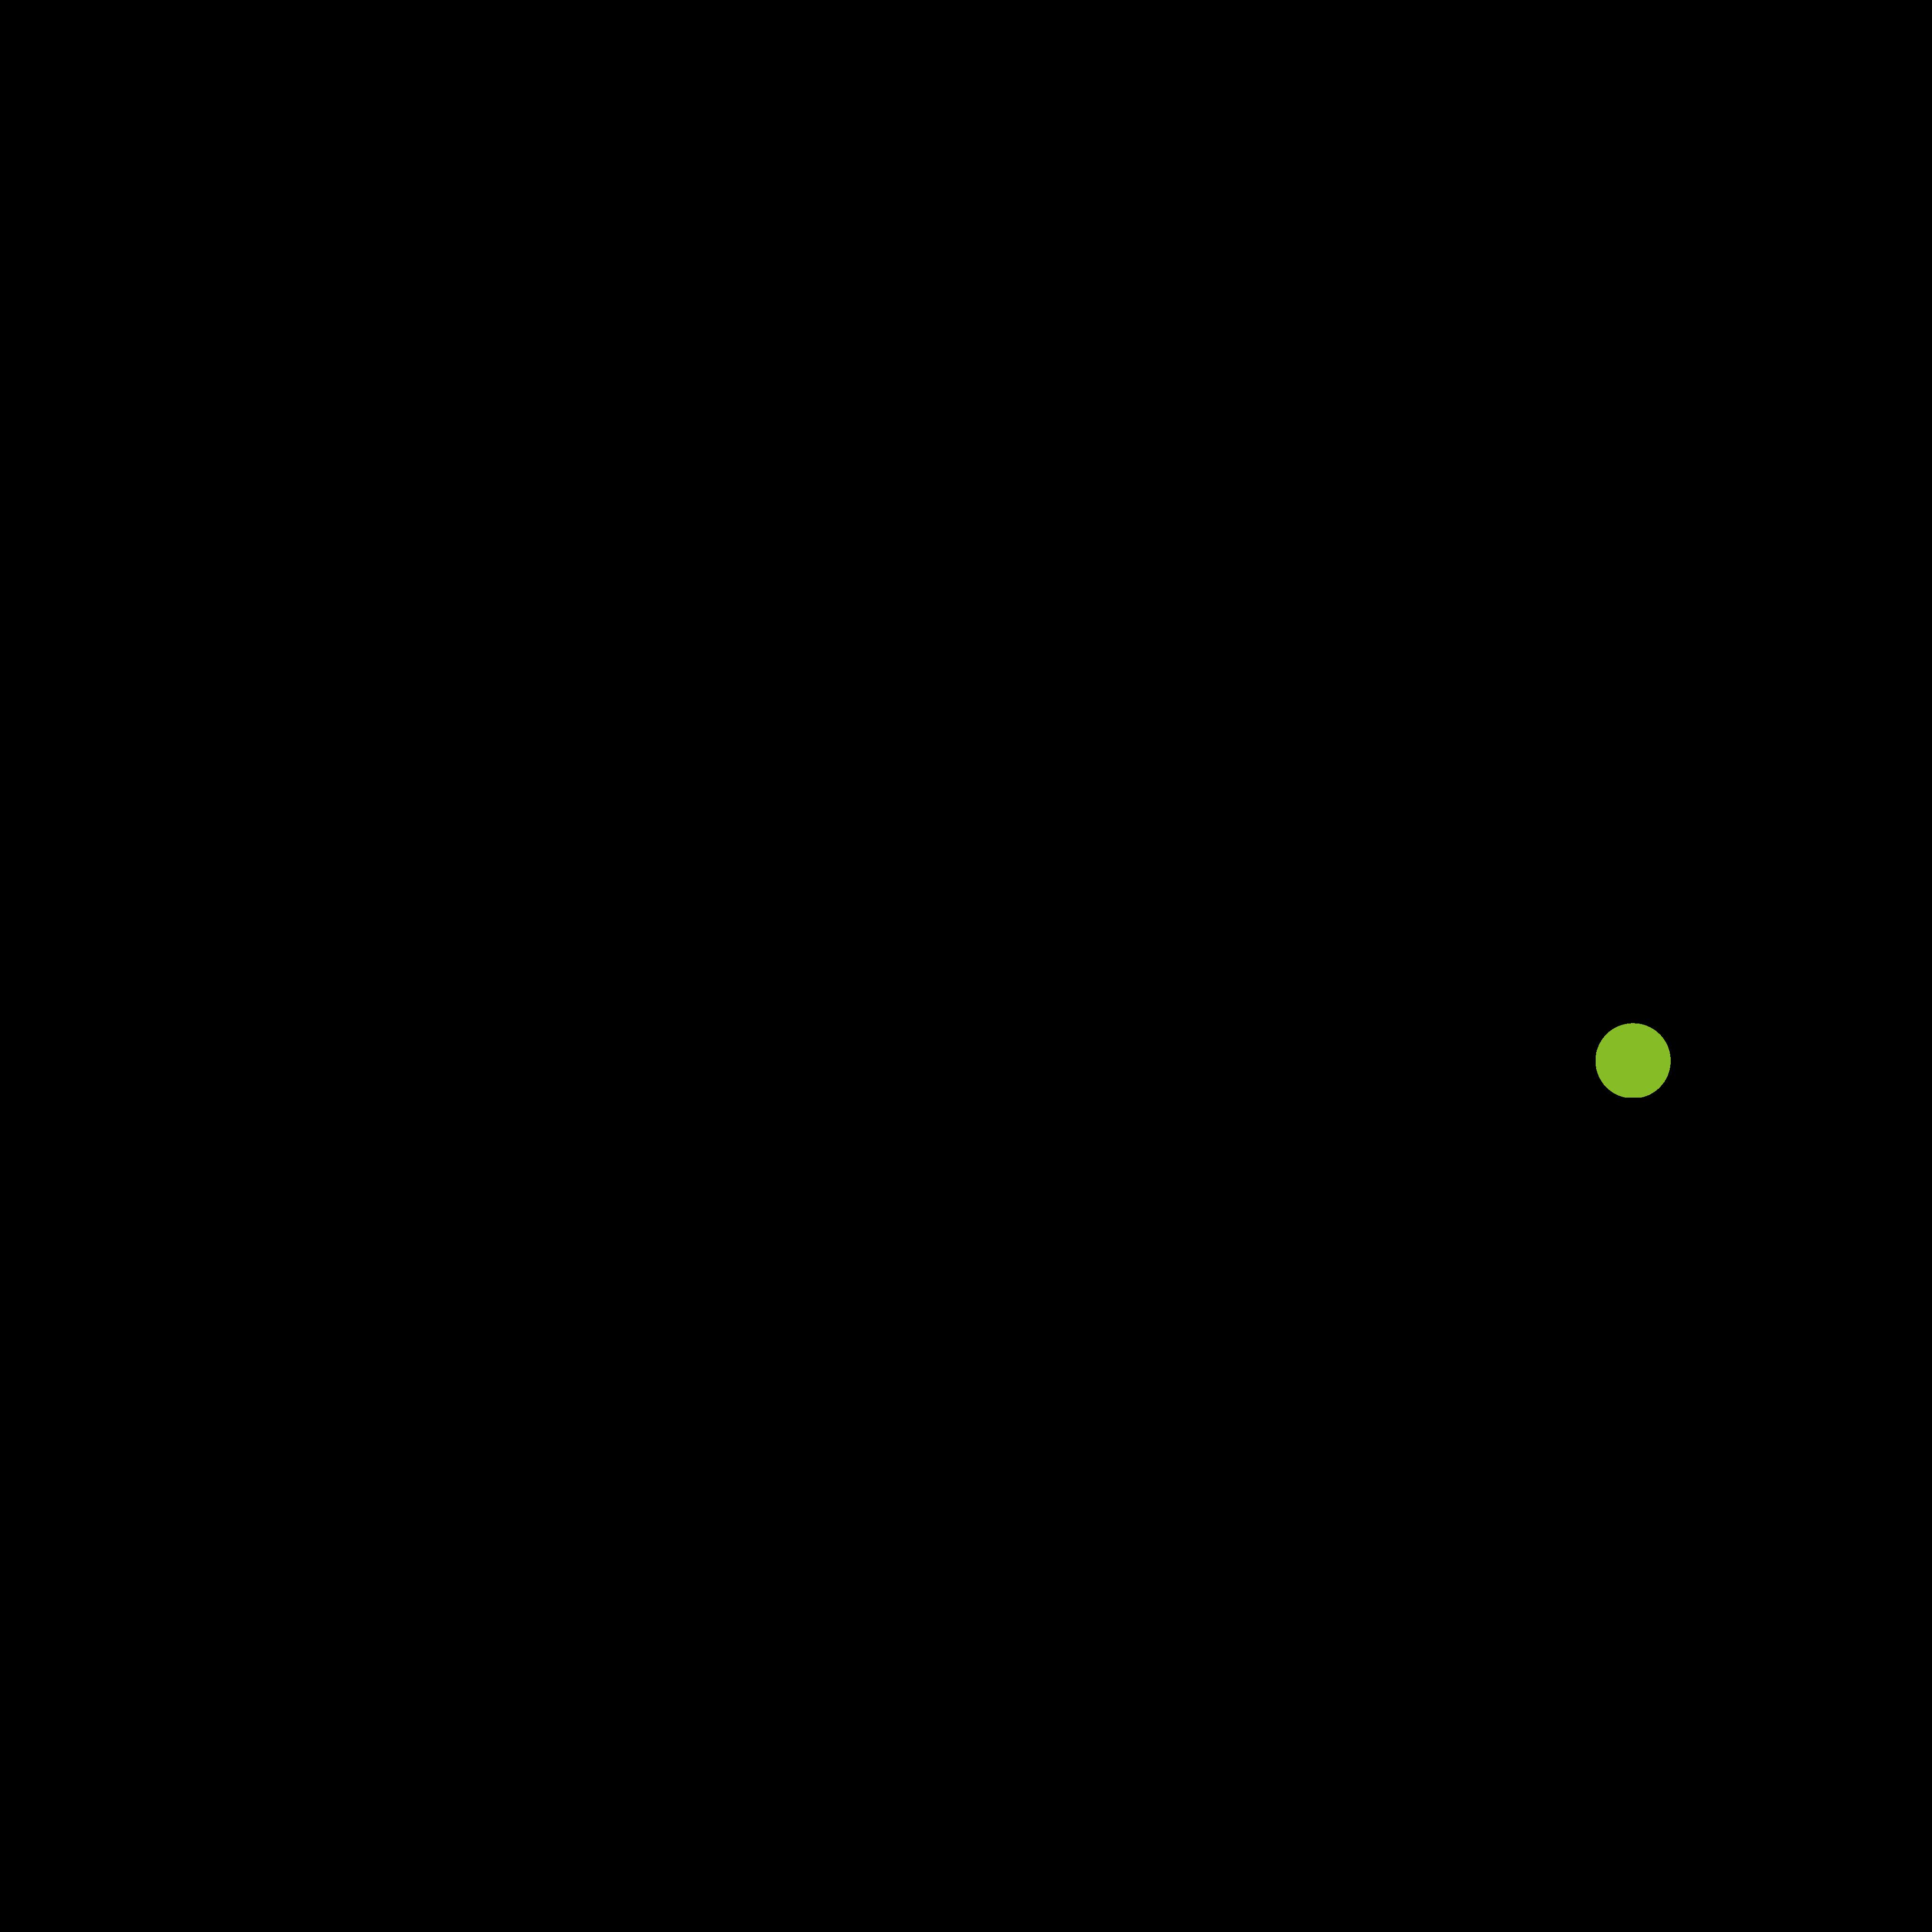 deloitte logo 0 - Deloitte Logo